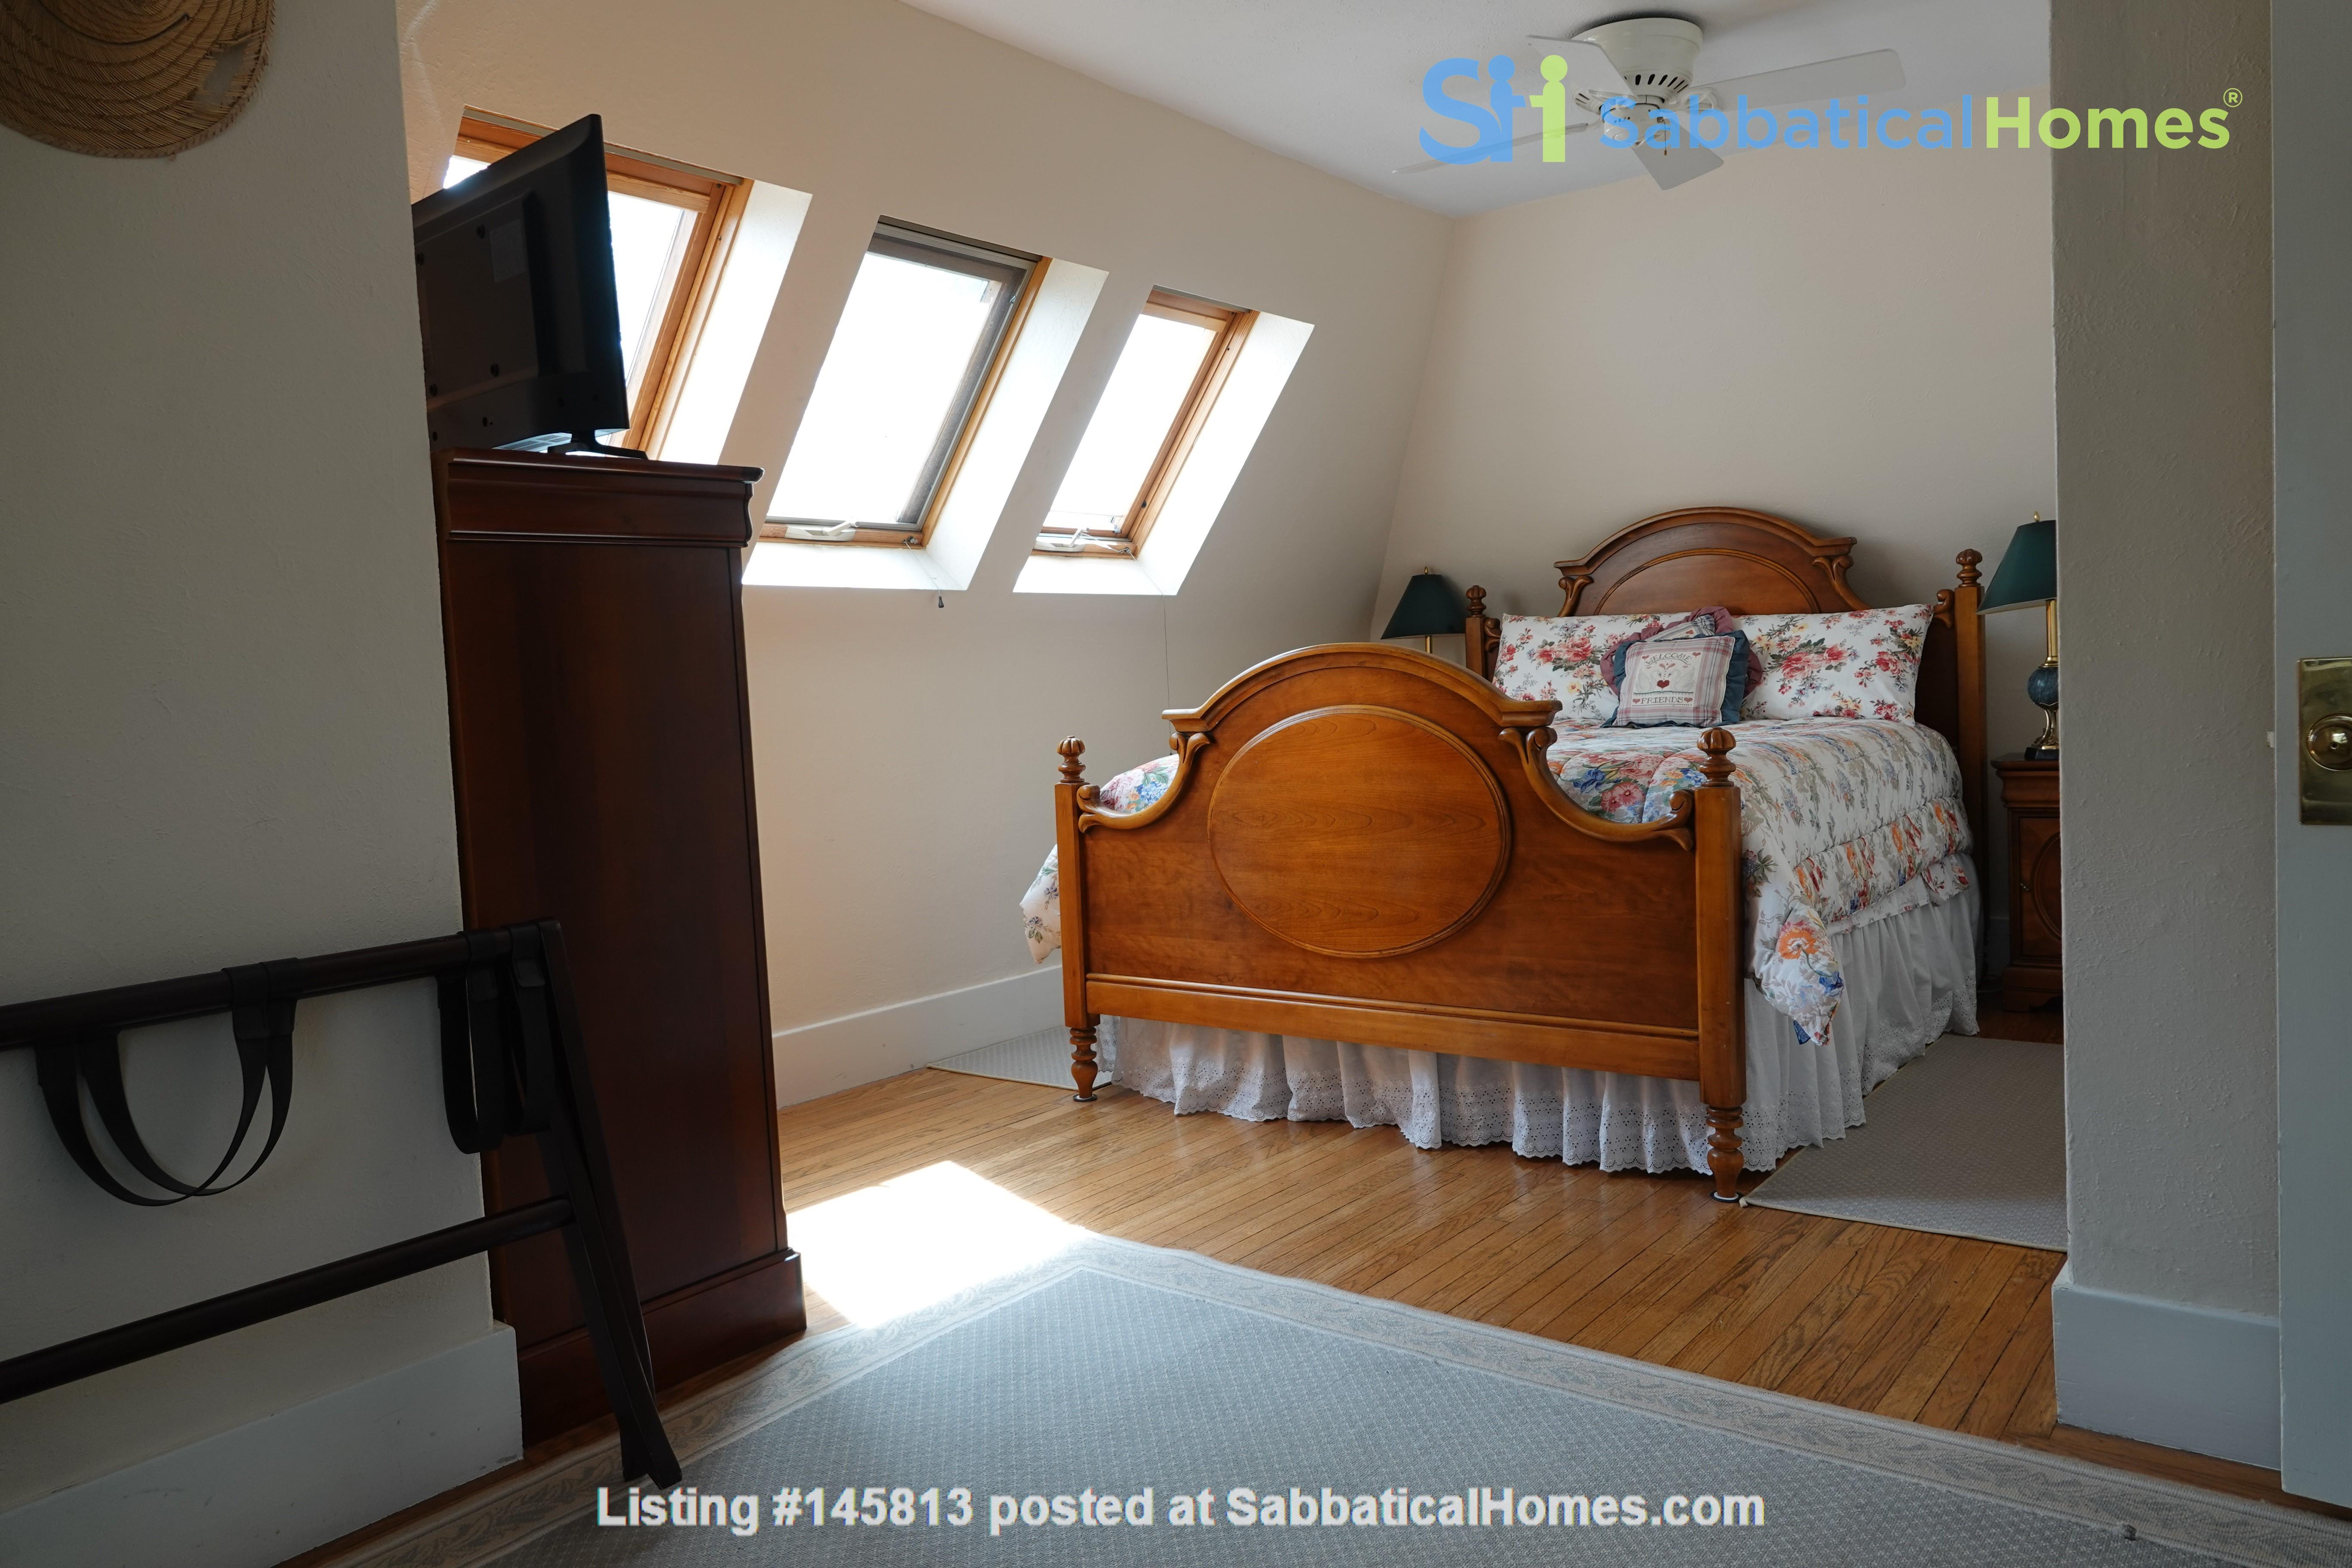 Looking for 2-3 bedroom in New York City Home Exchange in Berkeley 9